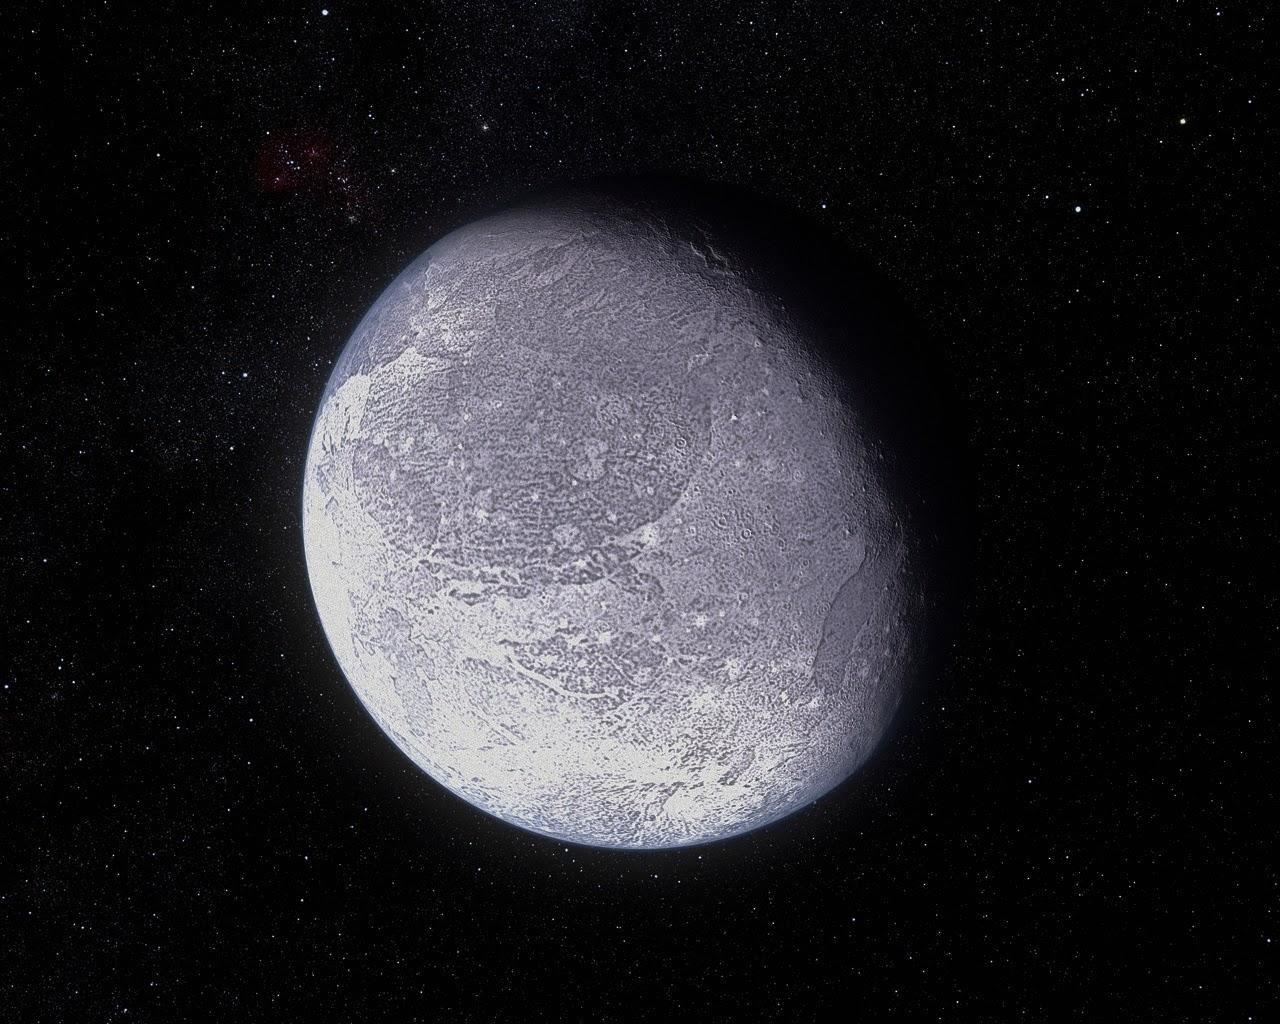 Representación artística de Plutón